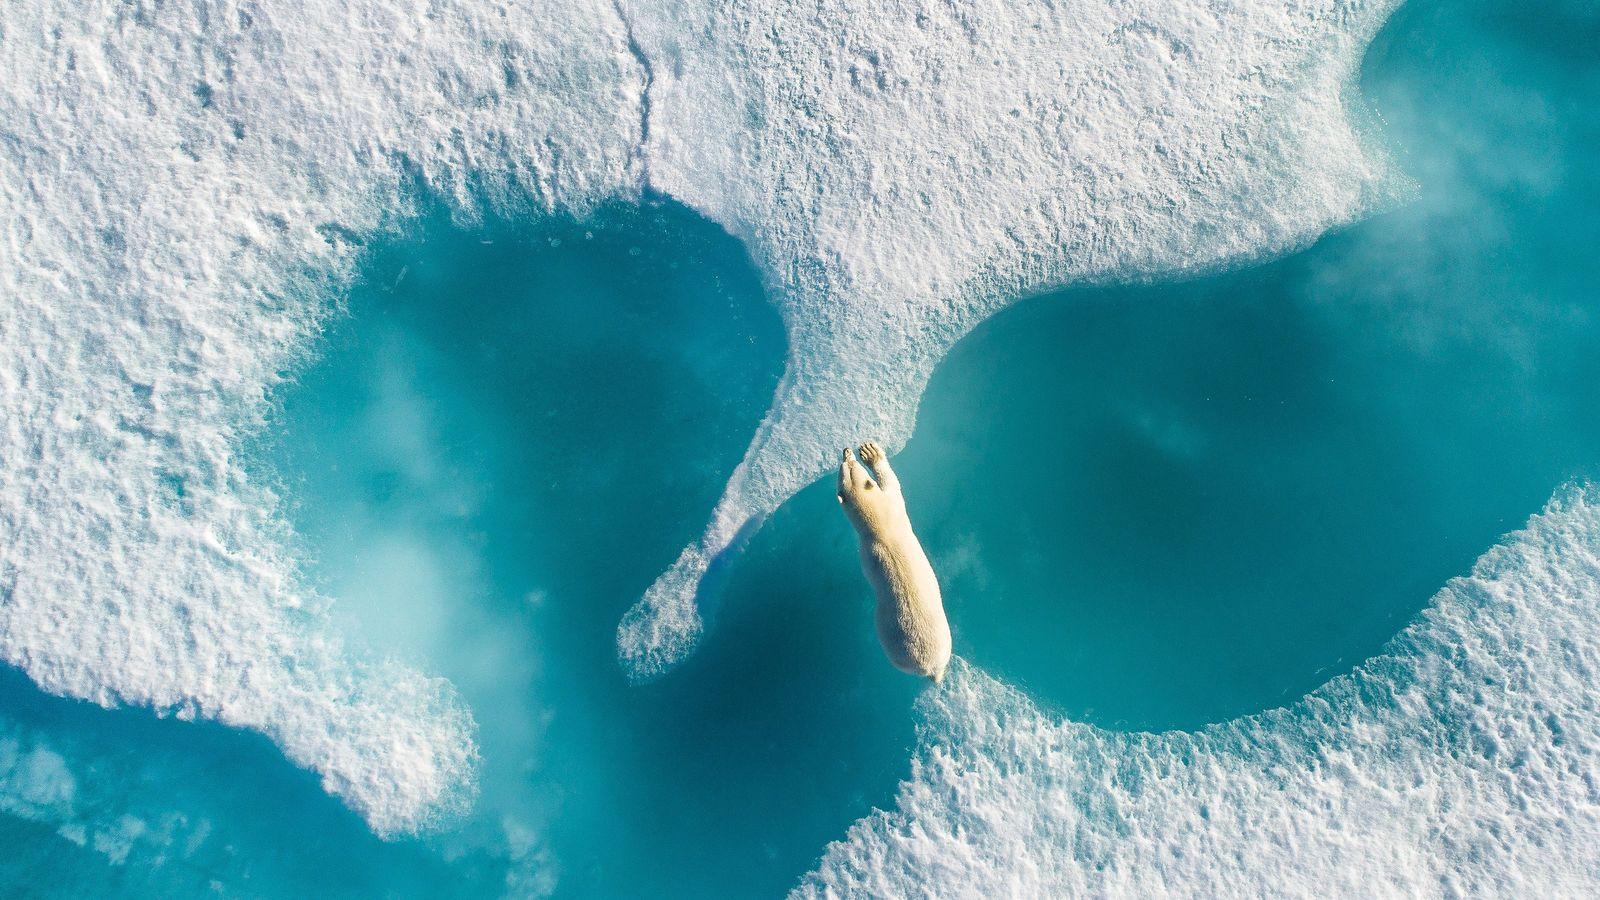 Ein Eisbär überquert das Eis in Arctic Bay, Nunavut, Kanada. Als der Fotograf diese Aufnahme machte, ...